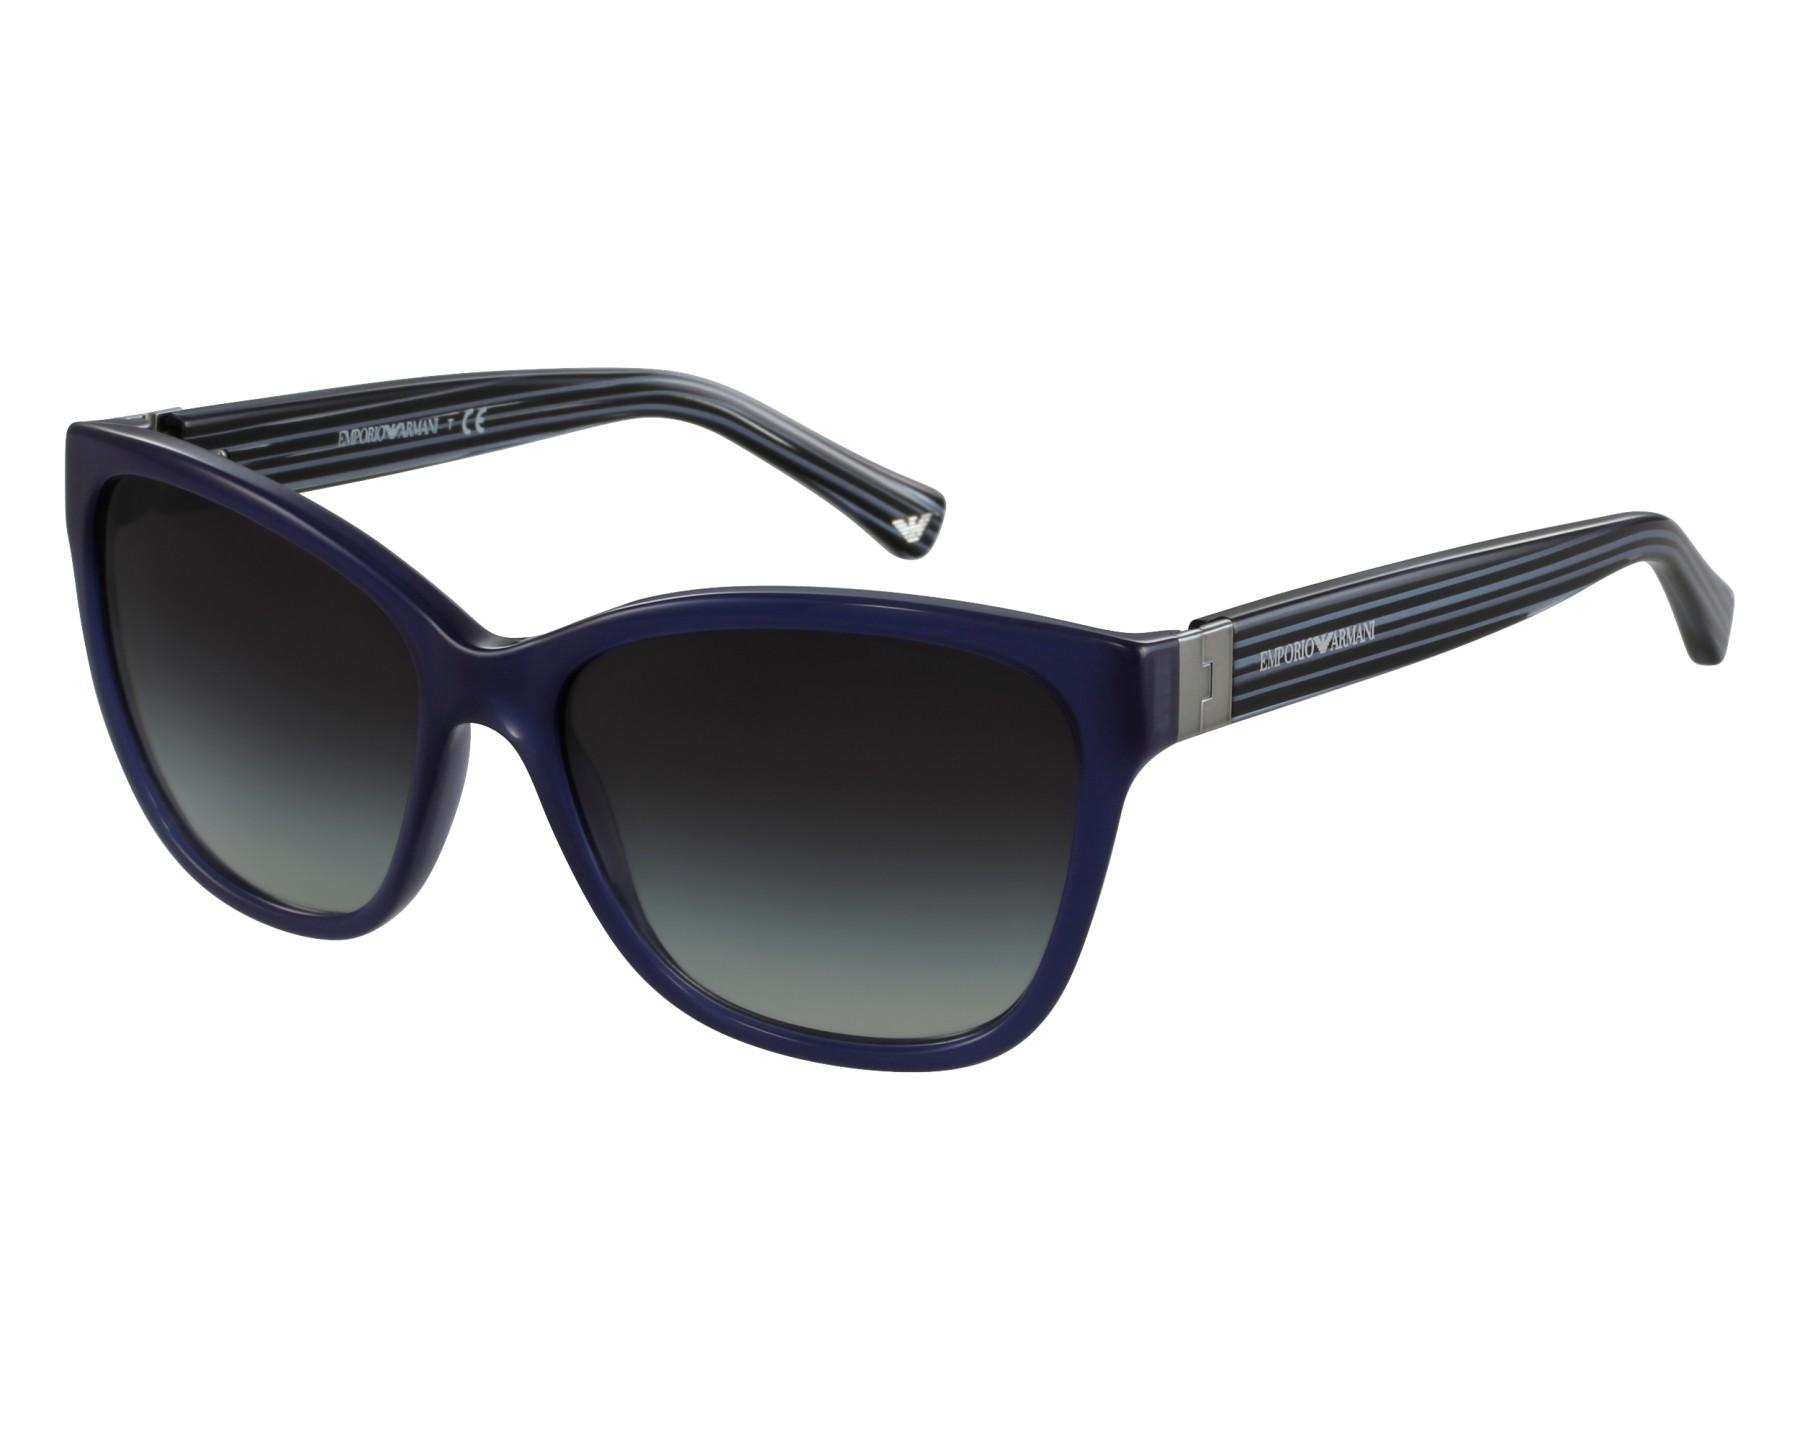 lunettes de soleil emporio armani ea 4068 5518 8g bleu avec des verres gris. Black Bedroom Furniture Sets. Home Design Ideas